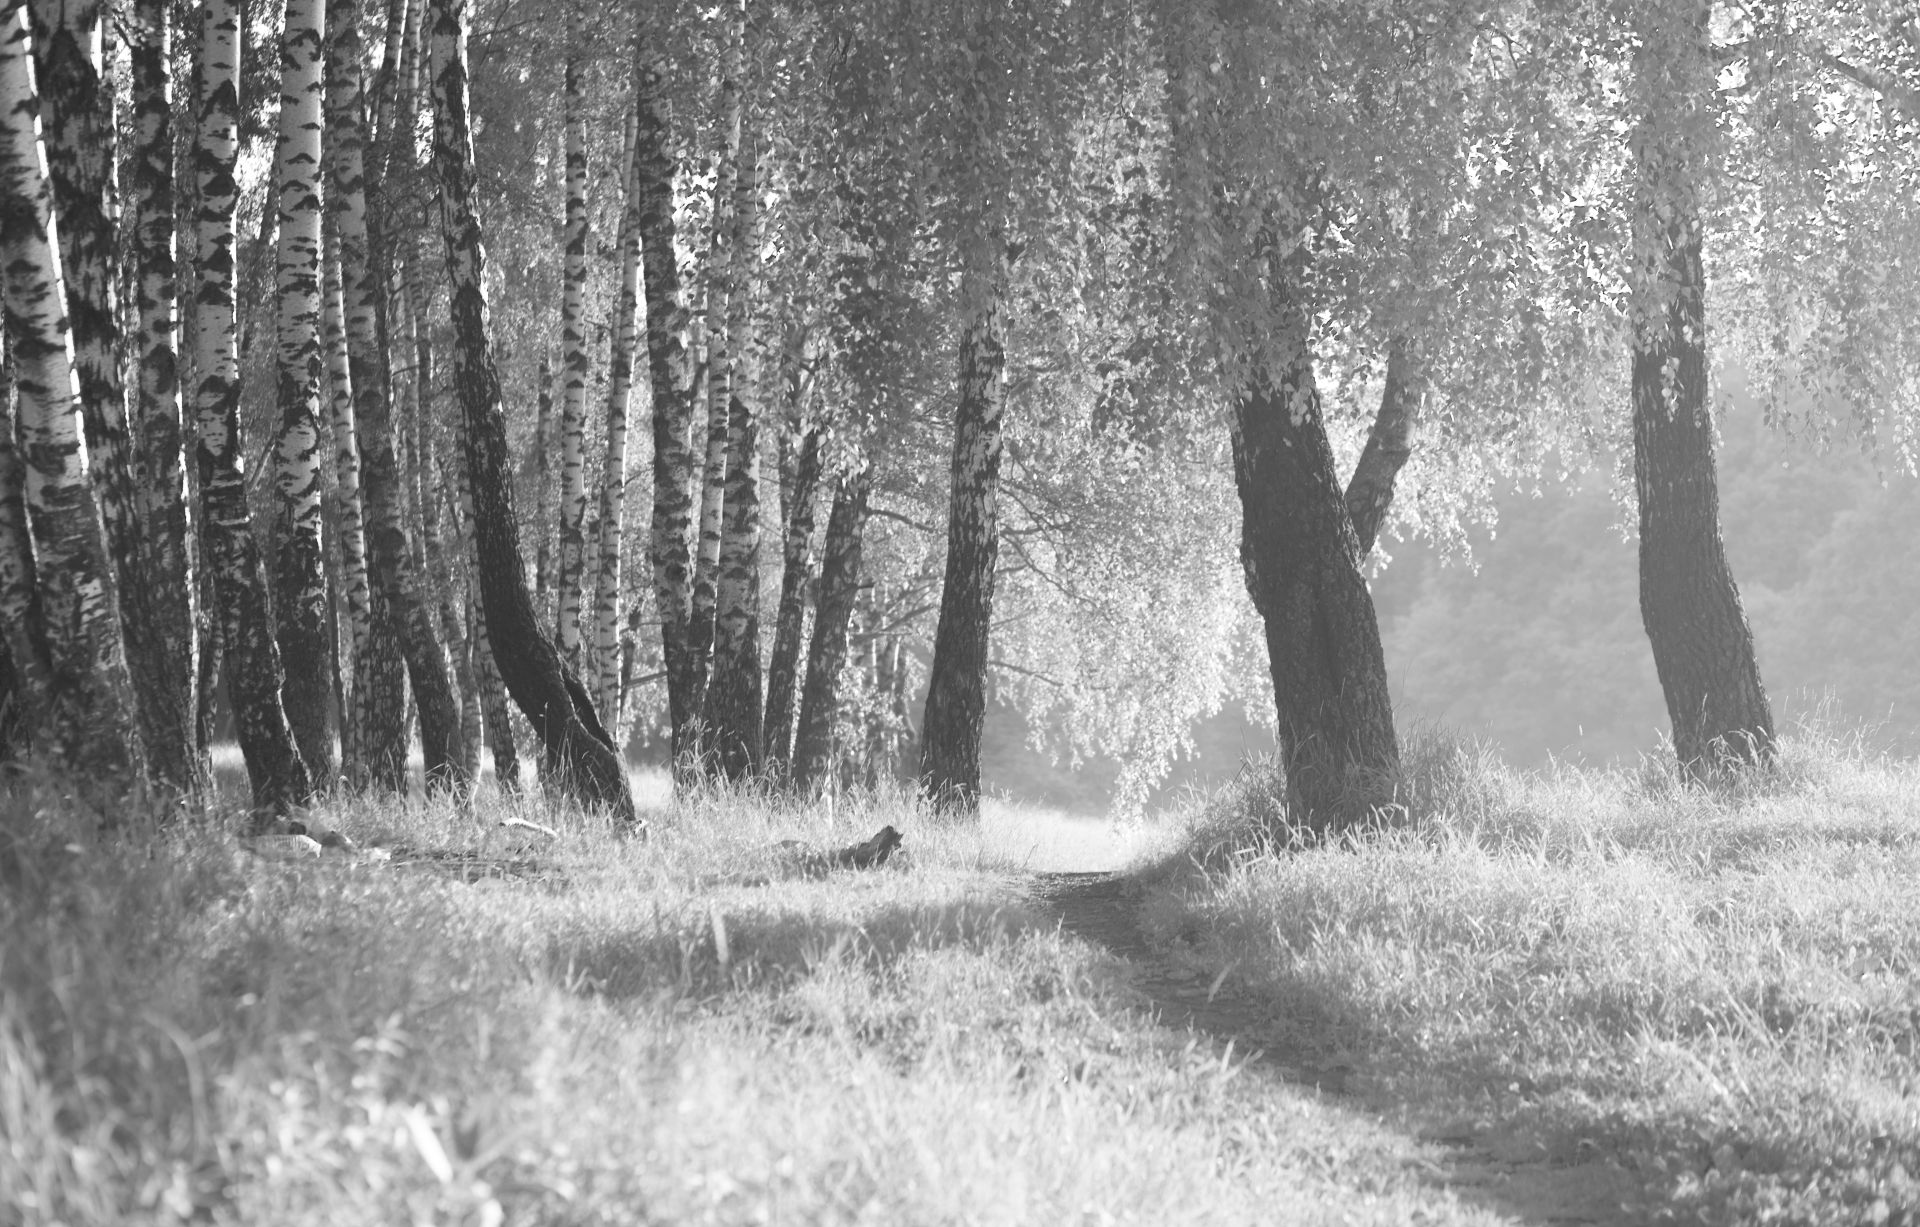 пейзаж, лес, деревья, черно-белое фото, landscape, forest, wood, black and white photo, Виктор Бертяев